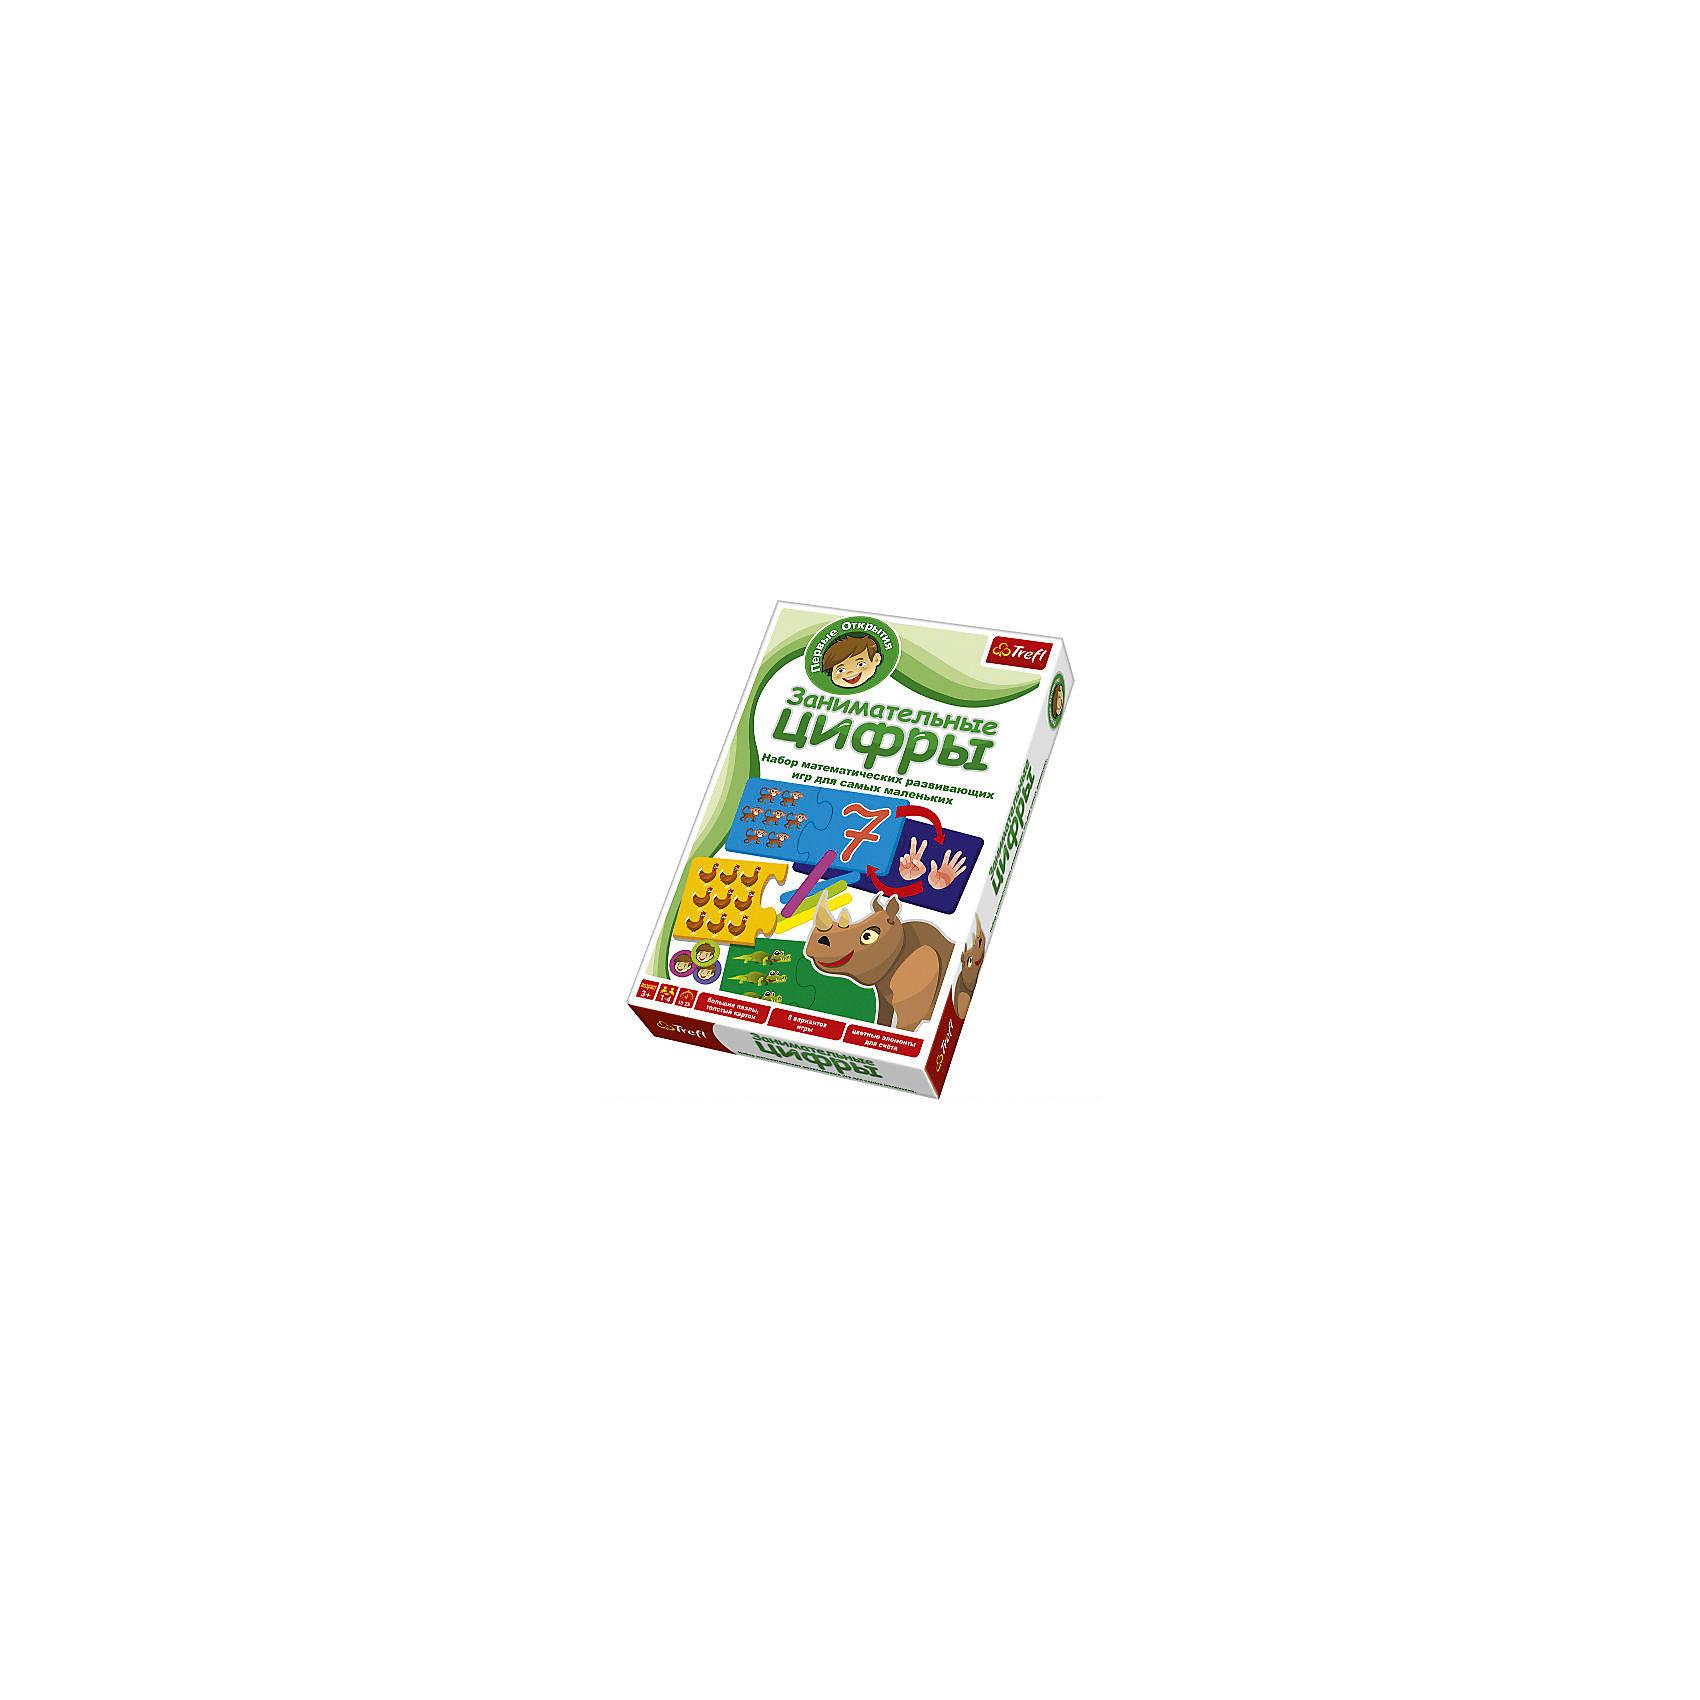 Игра Занимательные Цифры,  TreflИгры для дошкольников<br>Игра Занимательные Цифры, Trefl - увлекательная развивающая игра, которая познакомит Вашего малыша с цифрами и основами арифметики, научит простейшим вычислениям. Данная игра входит в серию Первые открытия, в разработке которой принимал участие коллектив педагогов, филологов, логопедов, социологов и психологов и предназначенную для формирования у ребенка навыков, необходимых ему перед школой. В игре могут участвовать от 1 до 4 игроков. В наборе Вы найдете 10 двойных двусторонних карточек-пазлов, на одной части которых изображена цифра, а на другой картинка. В инструкции представлено 8 различных вариантов игры, от самых простых до самых сложных. Например, в игре Найди равенство маленьким игрокам предстоит соотнести цифру, изображенную на одной части карточки, с правильным количеством животных, нарисованных на другой части пазла. Участник, который первым нашел нужную половинку, получает карточку. Тот кто соберет больше всех карточек становится победителем. <br><br>Дополнительная информация:<br><br>- Серия: Первые открытия.<br>- В комплекте: 10 двойных двусторонних карточек-пазлов, цветные элементы для счета, инструкция к игре.<br>- Материал: бумага, картон.<br>- Размер упаковки: 28,8 х 19,3 х 4,1 см.<br>- Вес: 0,42 кг.<br><br>Игра Занимательные Цифры, Trefl, можно купить в нашем интернет-магазине.<br><br>Ширина мм: 288<br>Глубина мм: 193<br>Высота мм: 193<br>Вес г: 420<br>Возраст от месяцев: 36<br>Возраст до месяцев: 60<br>Пол: Унисекс<br>Возраст: Детский<br>SKU: 4043685